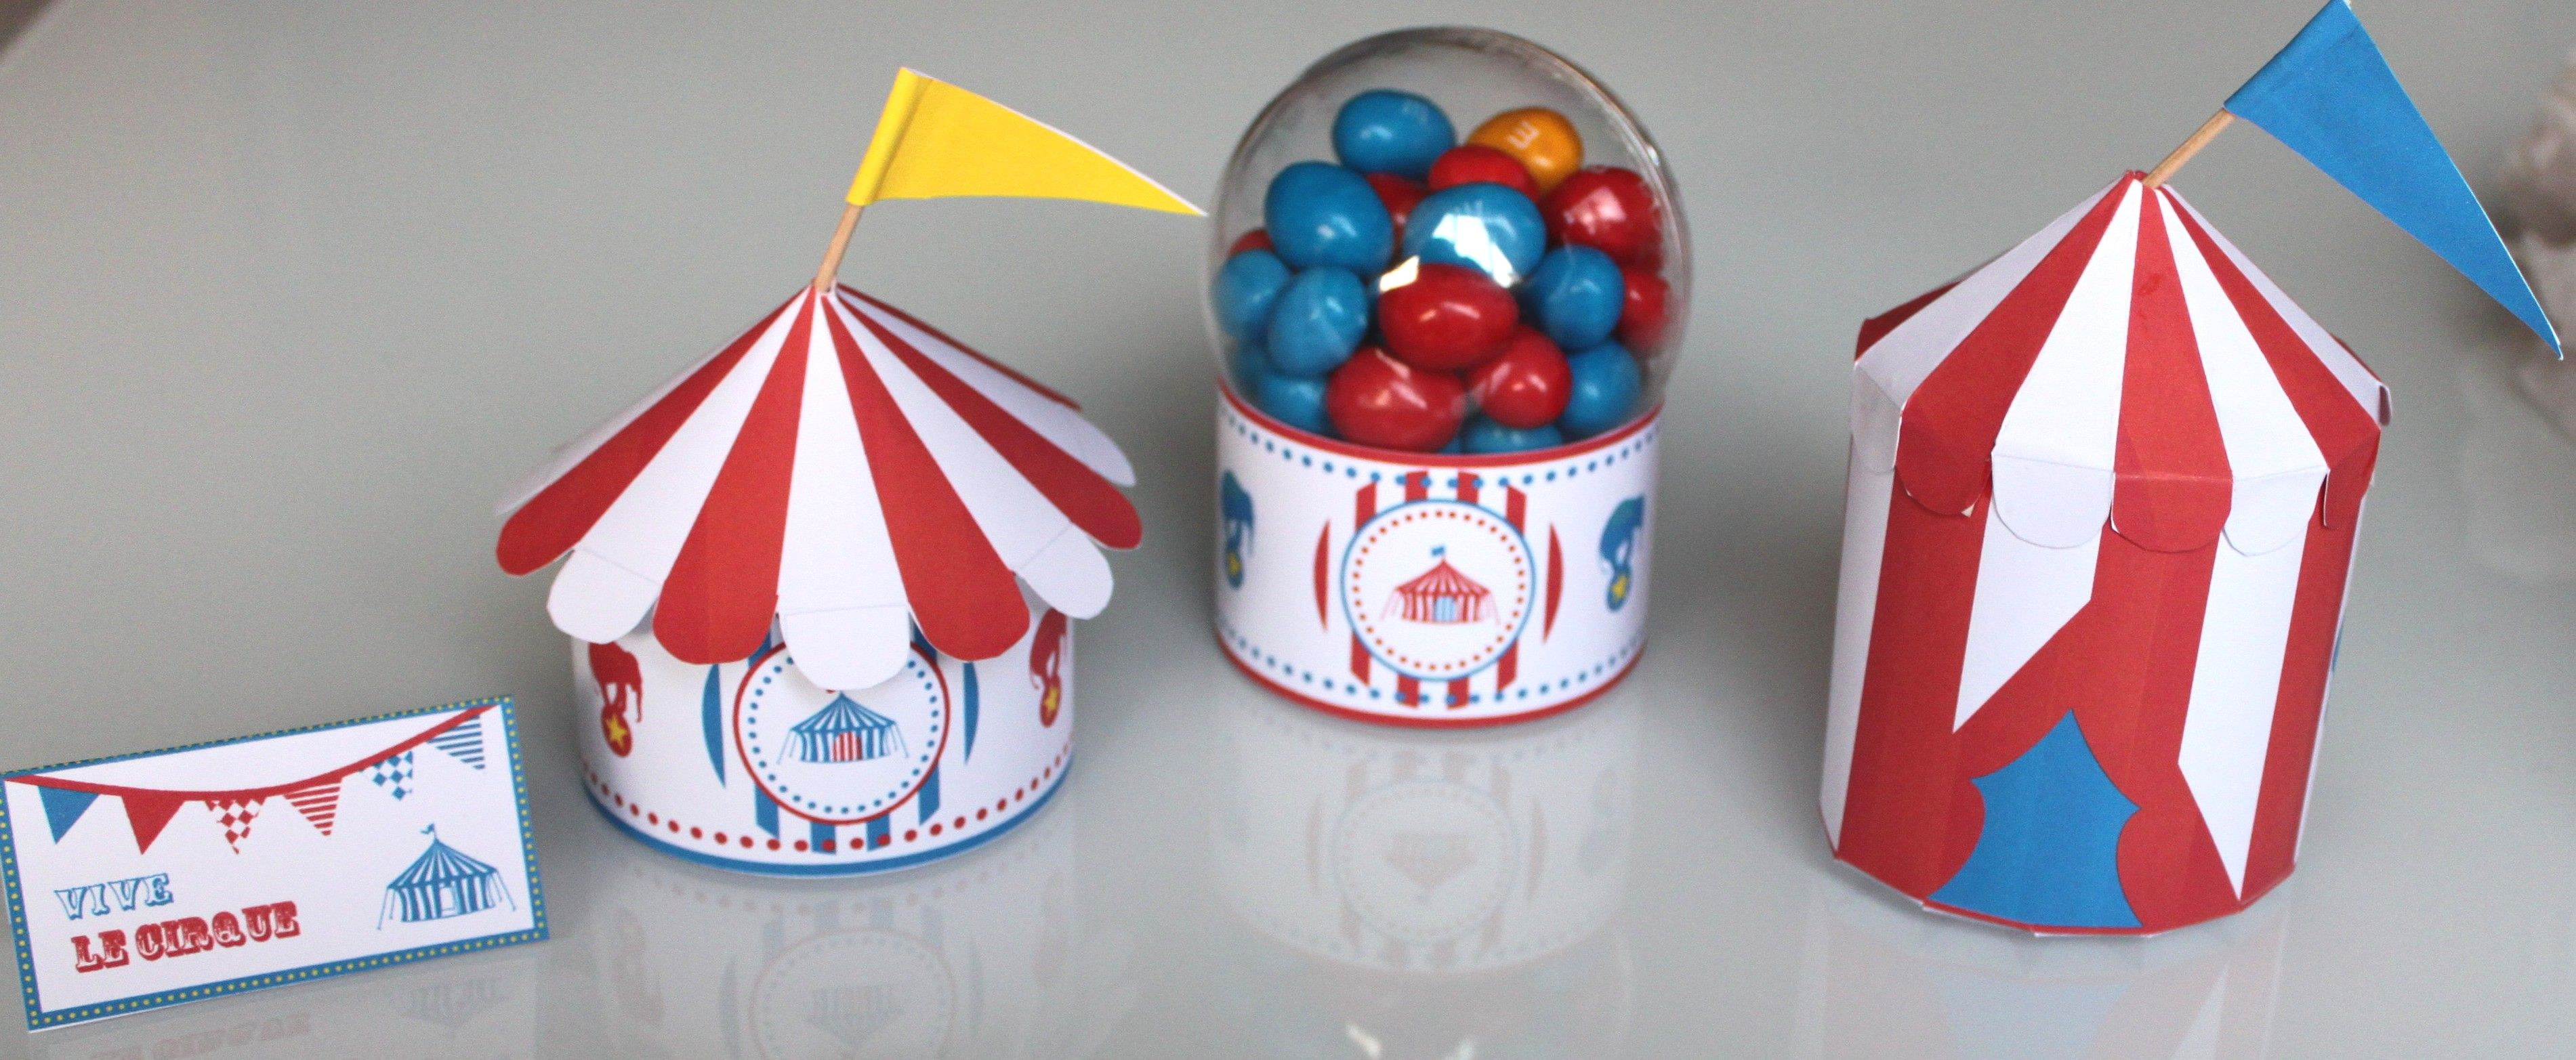 DIY CIRQUE : créer une tente de cirque